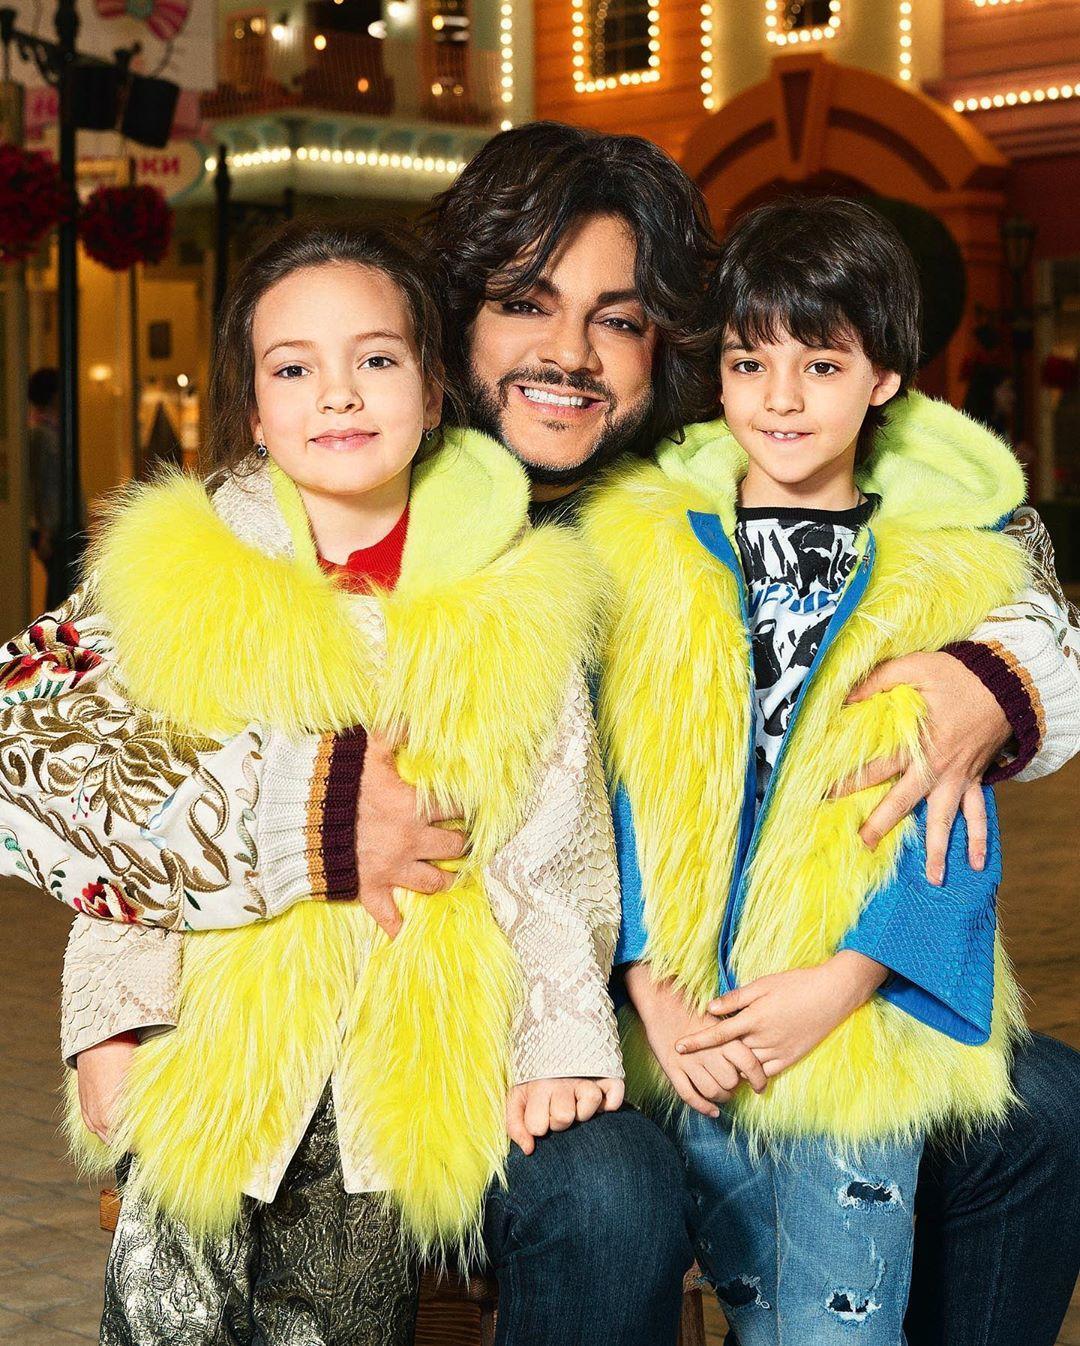 Дружная семейка: дети Филиппа Киркорова устроили для него спектакль на домашней сцене